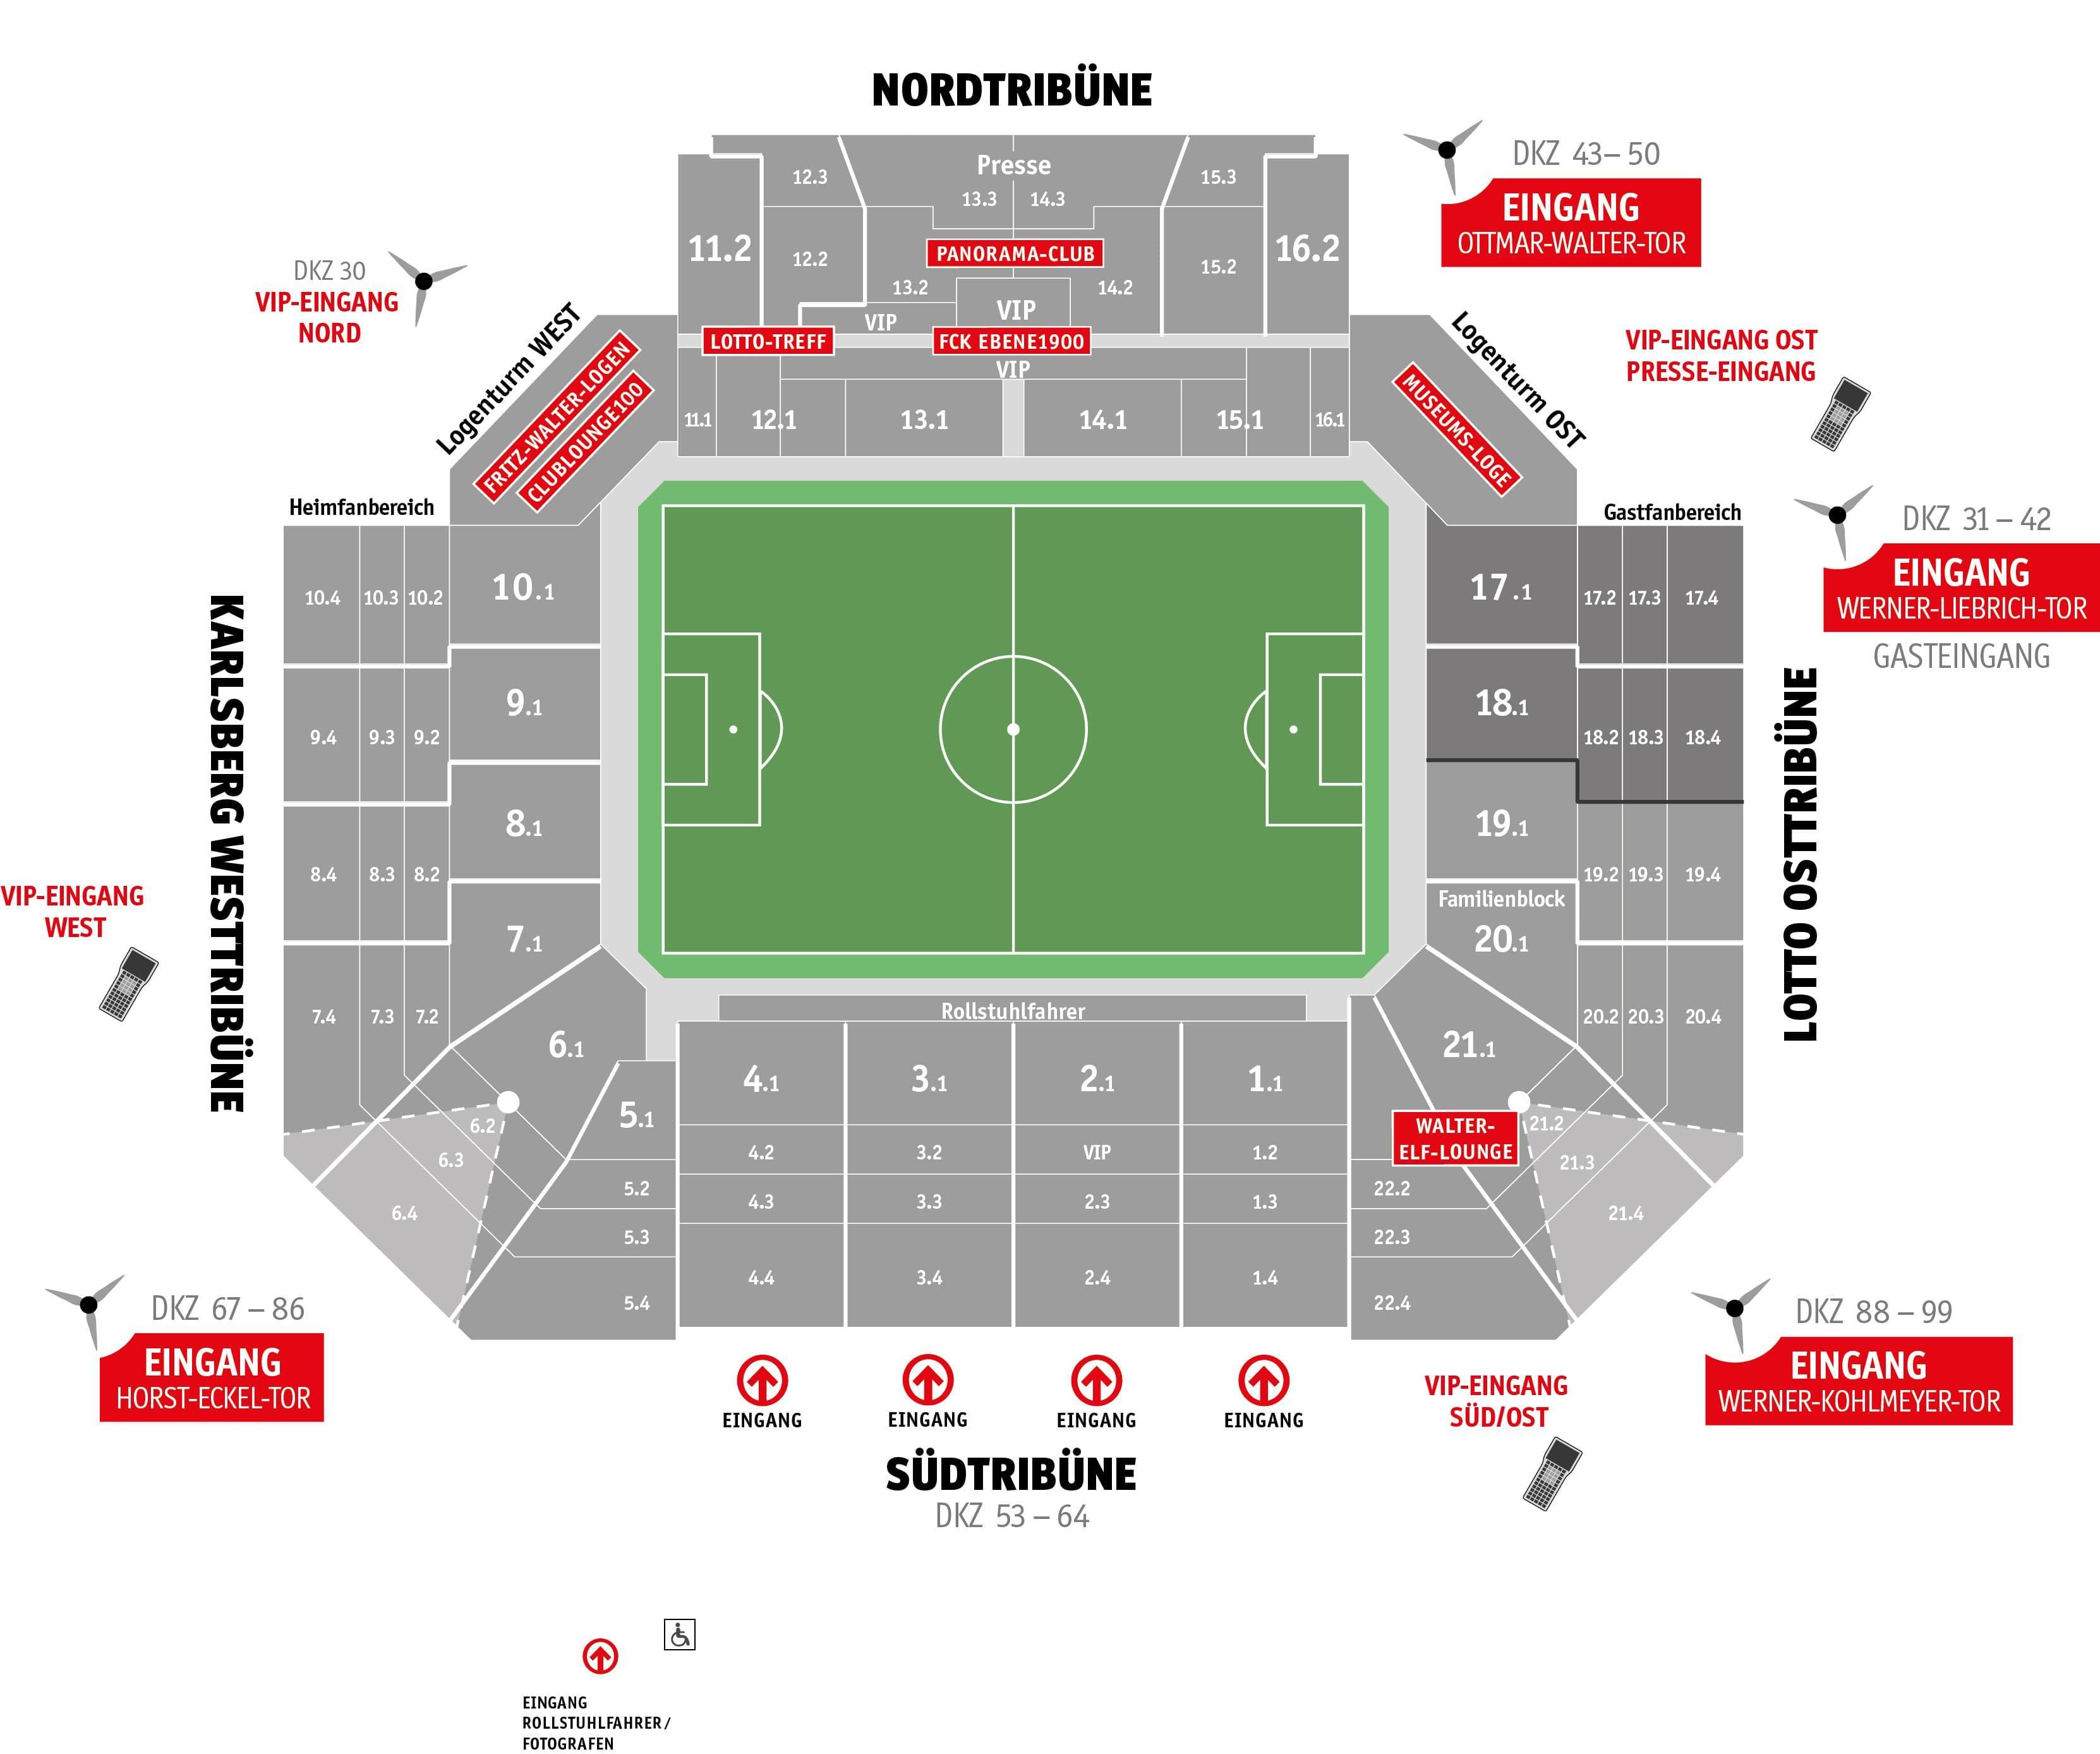 Ein Stadionplan des Fritz-Walter-Stadions